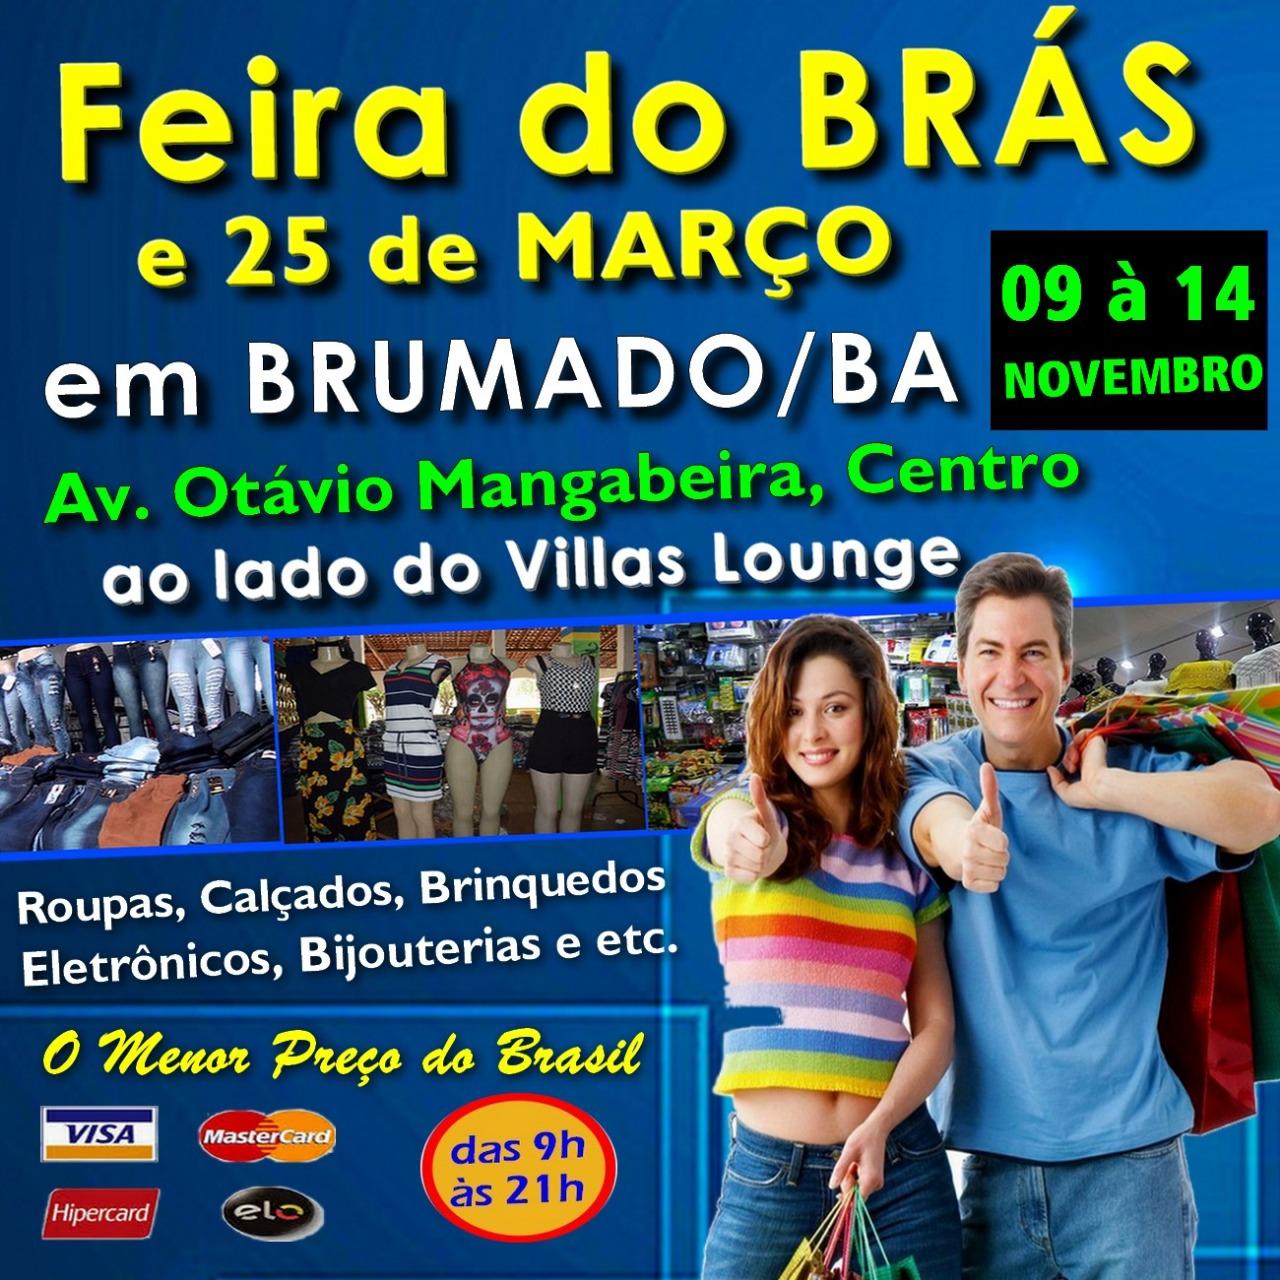 Economize de verdade: Faça suas compras na Feira do Brás e 25 de Março em Brumado